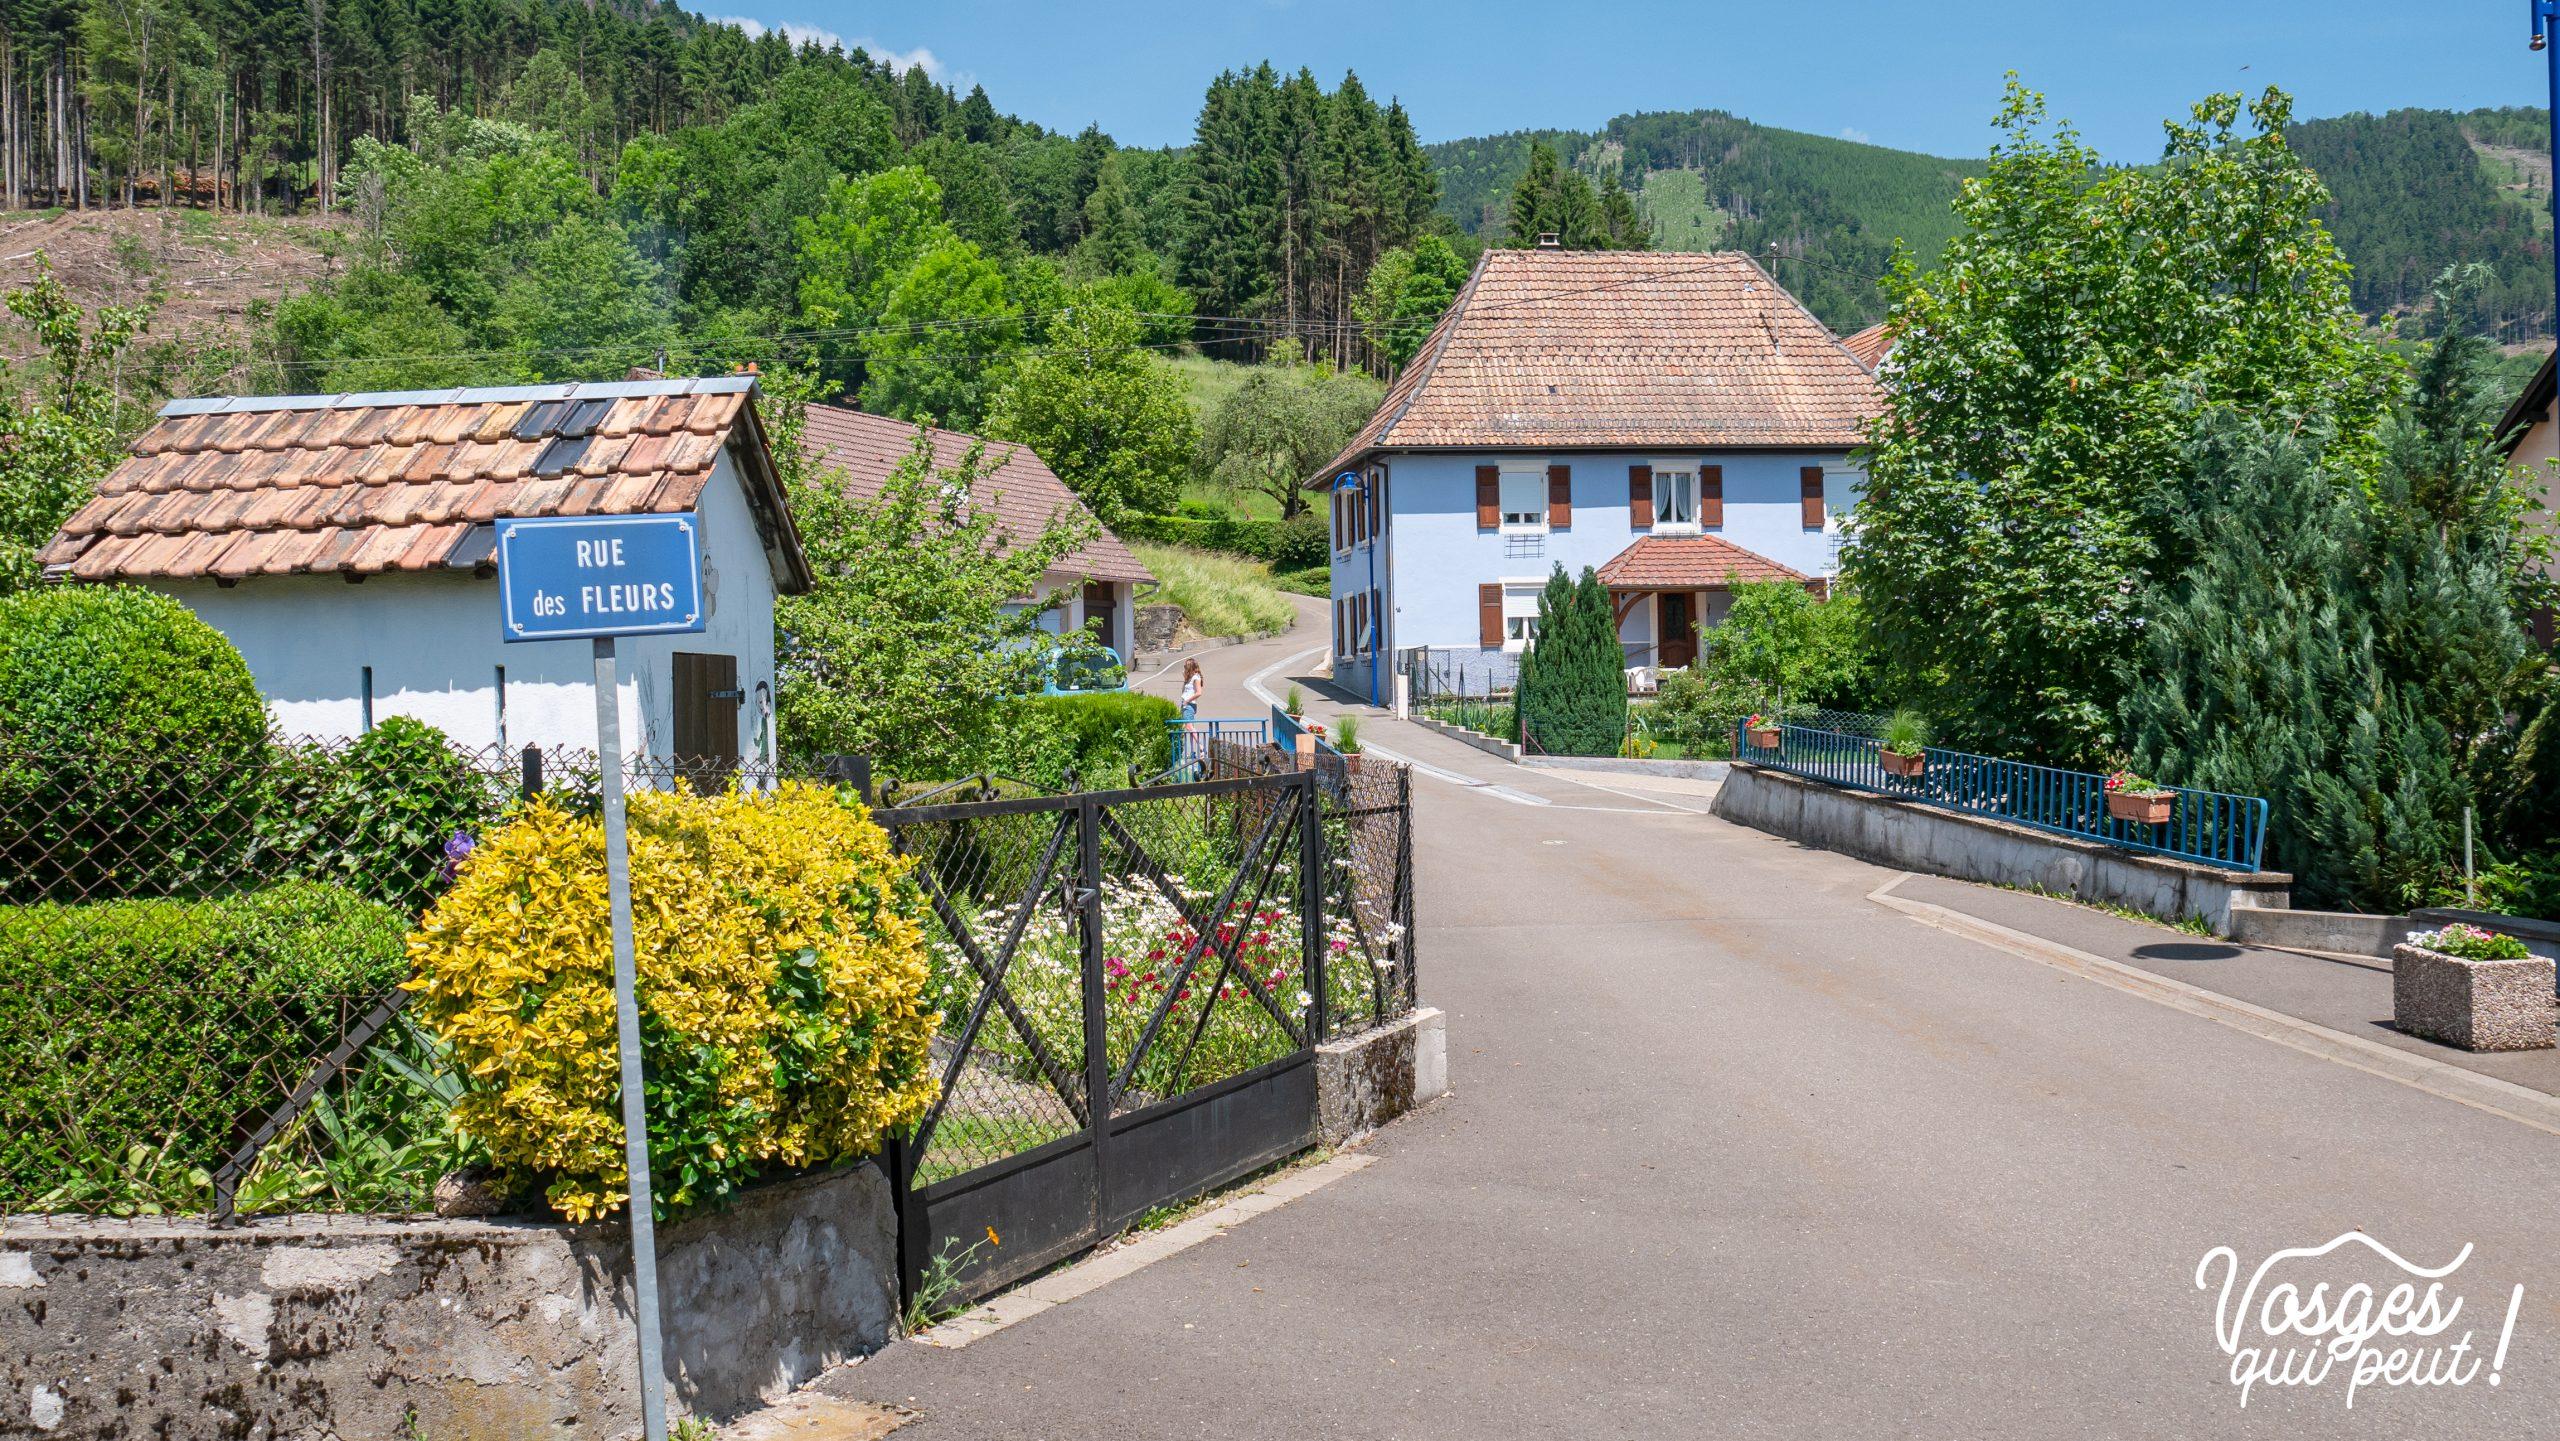 Rimbach-près-Masevaux dans le Massif des Vosges